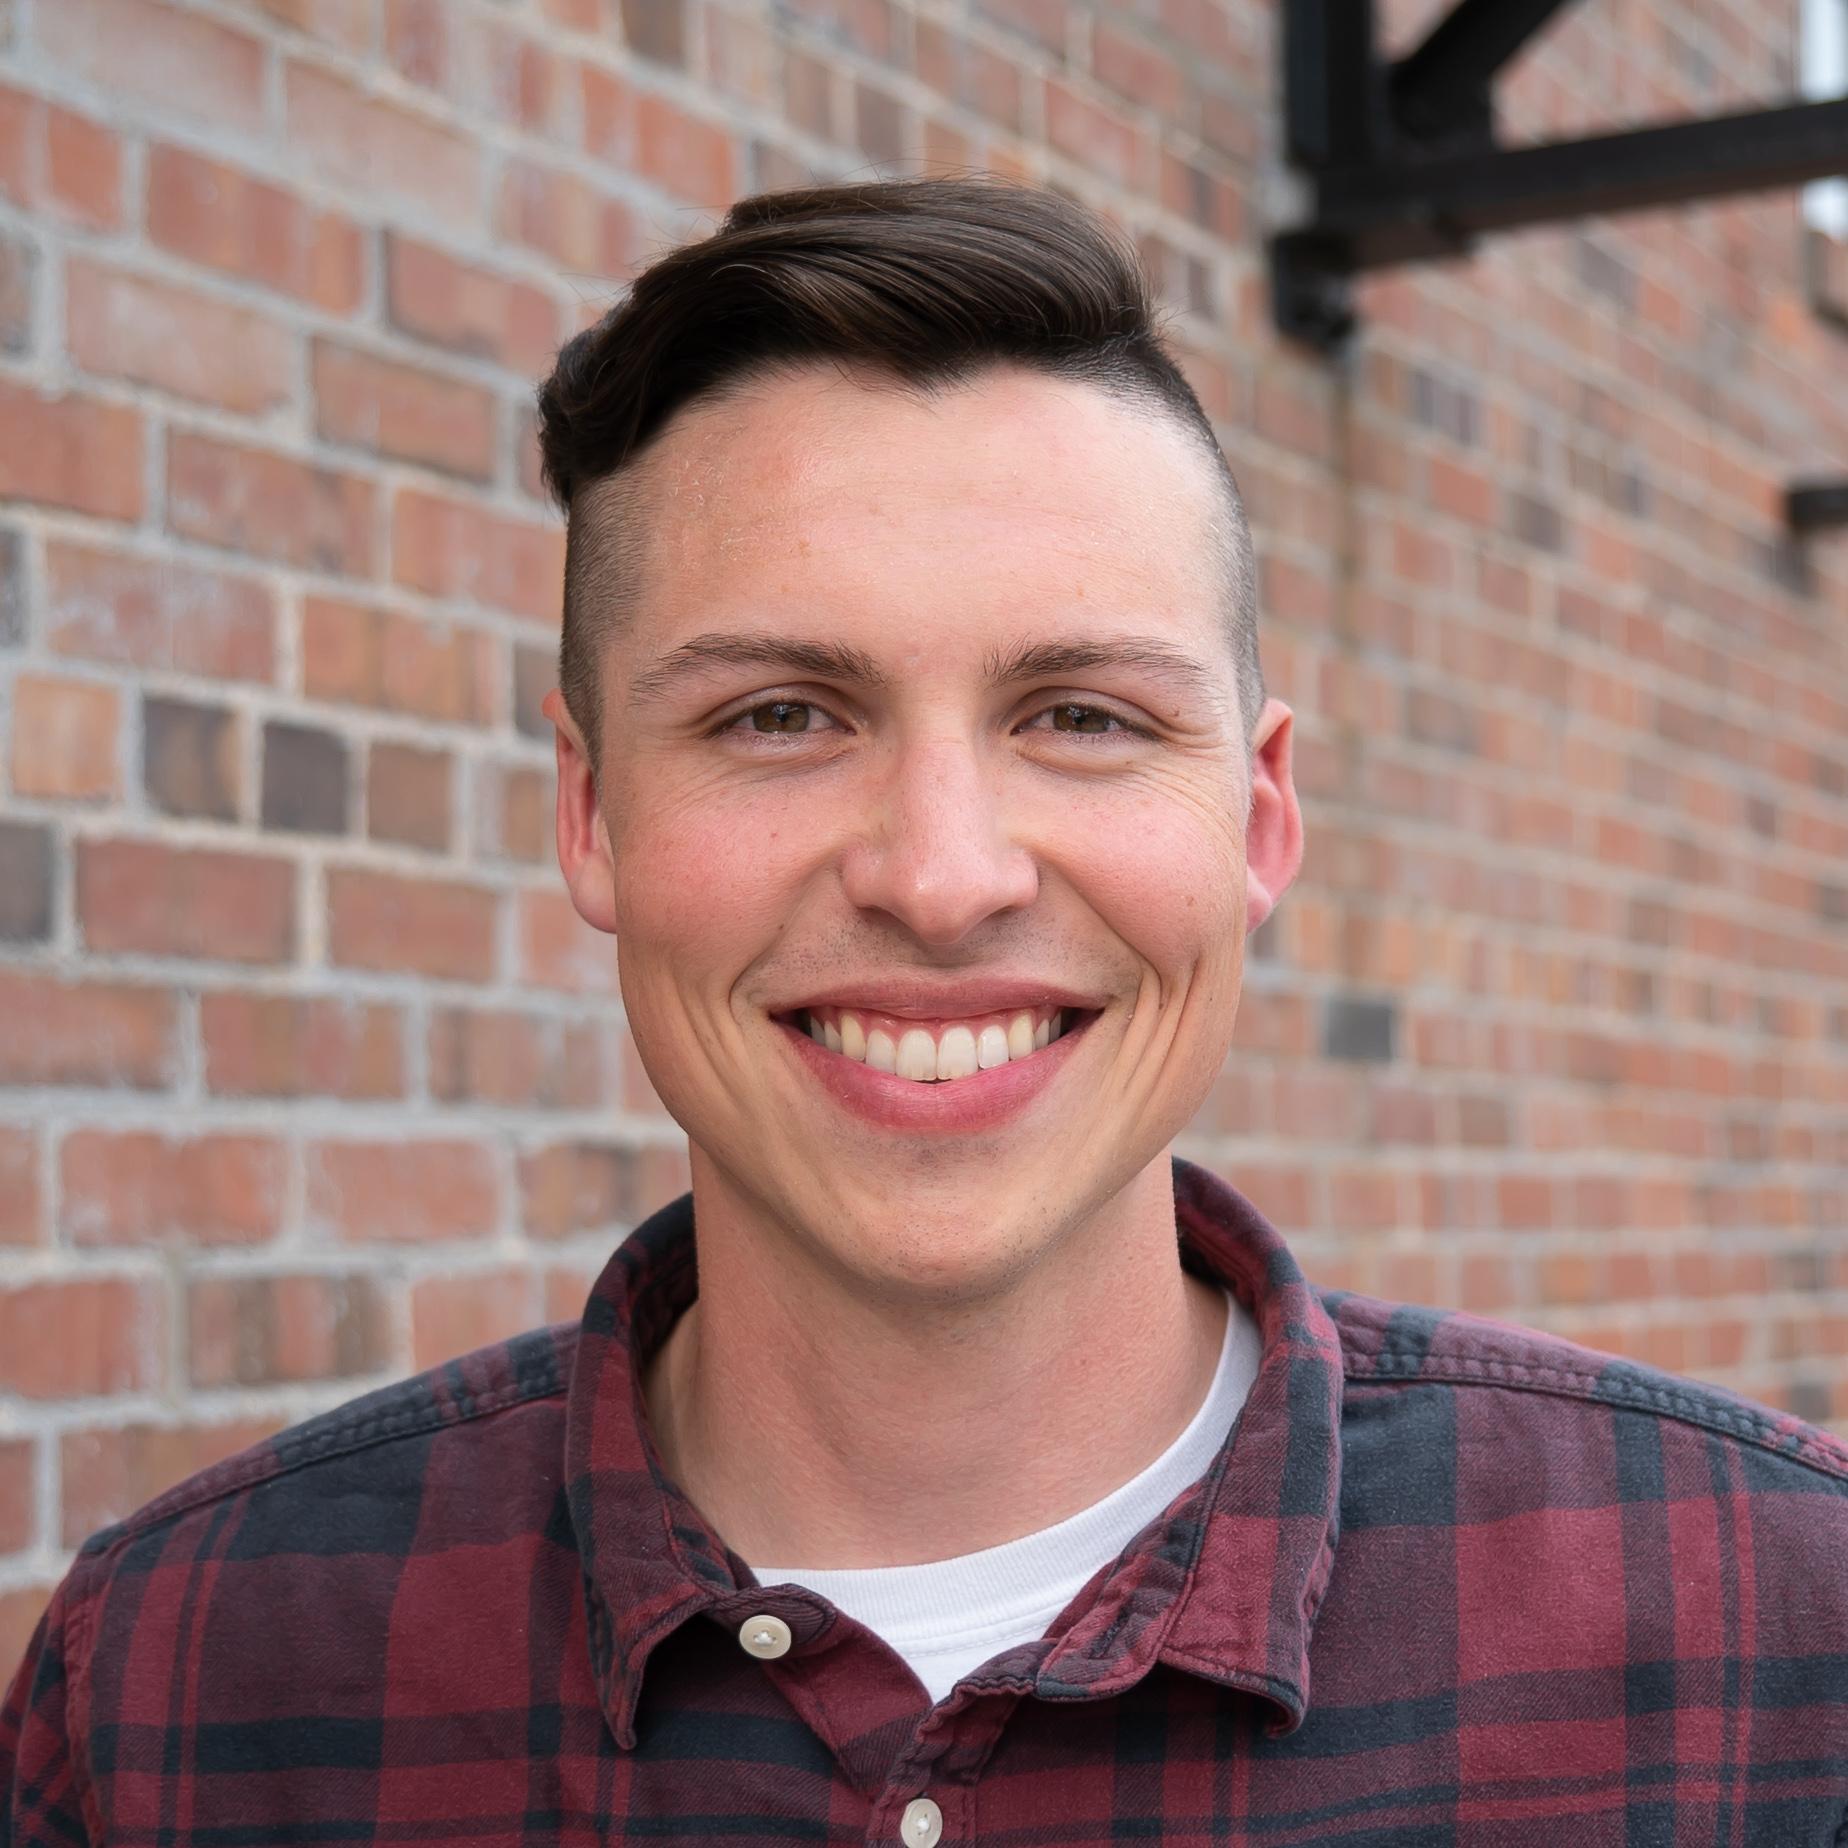 Aaron York | College Associate